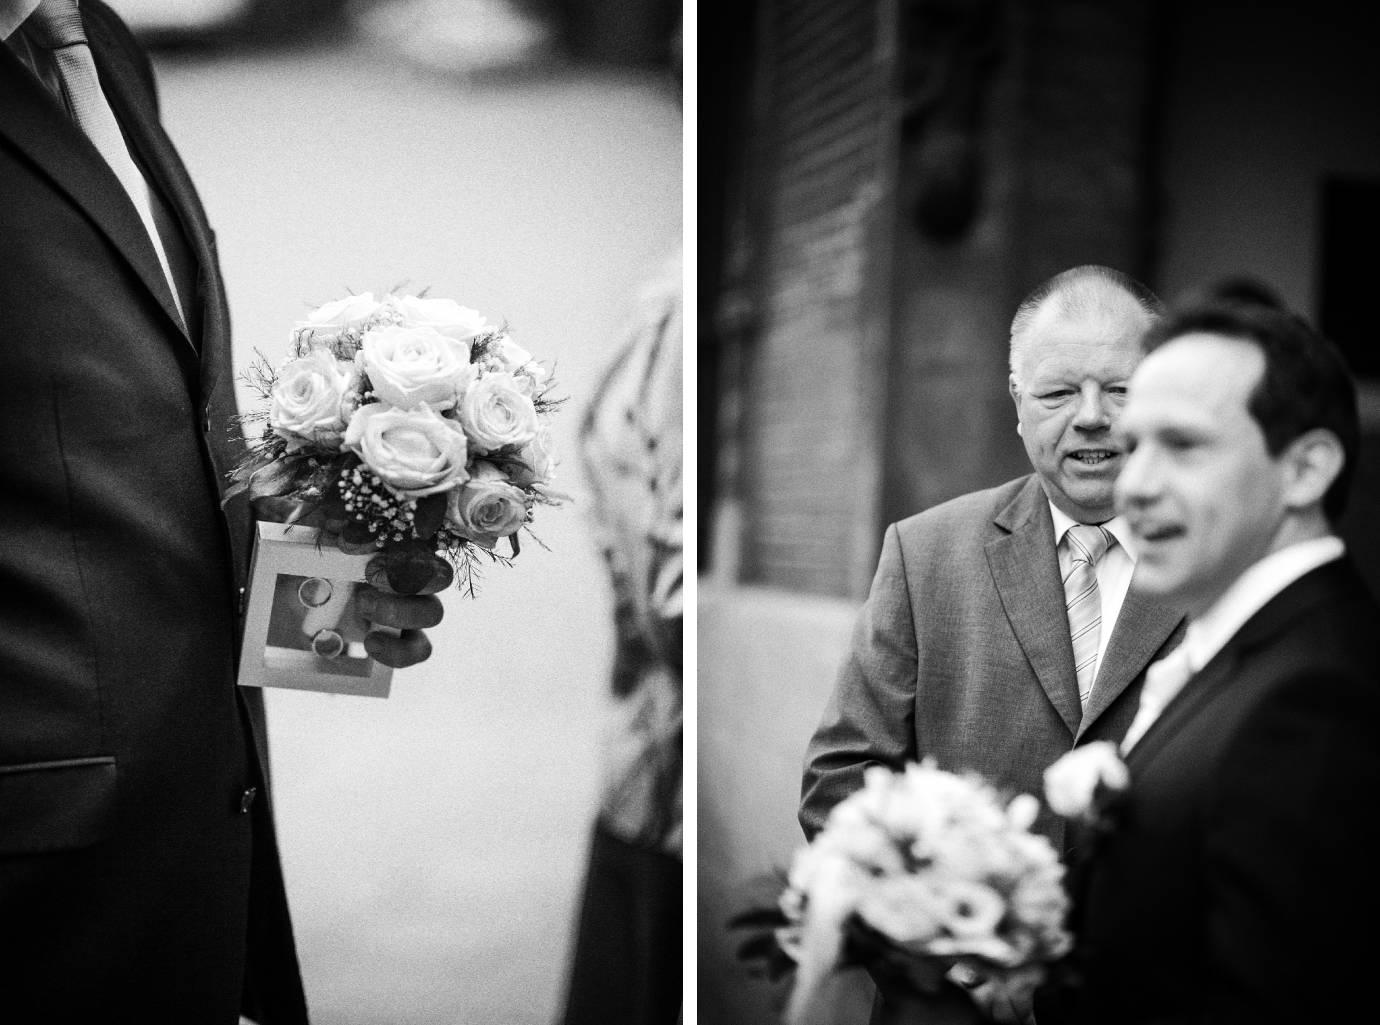 hochzeitsfotograf bremer rathaus 009 - Christine+Rico